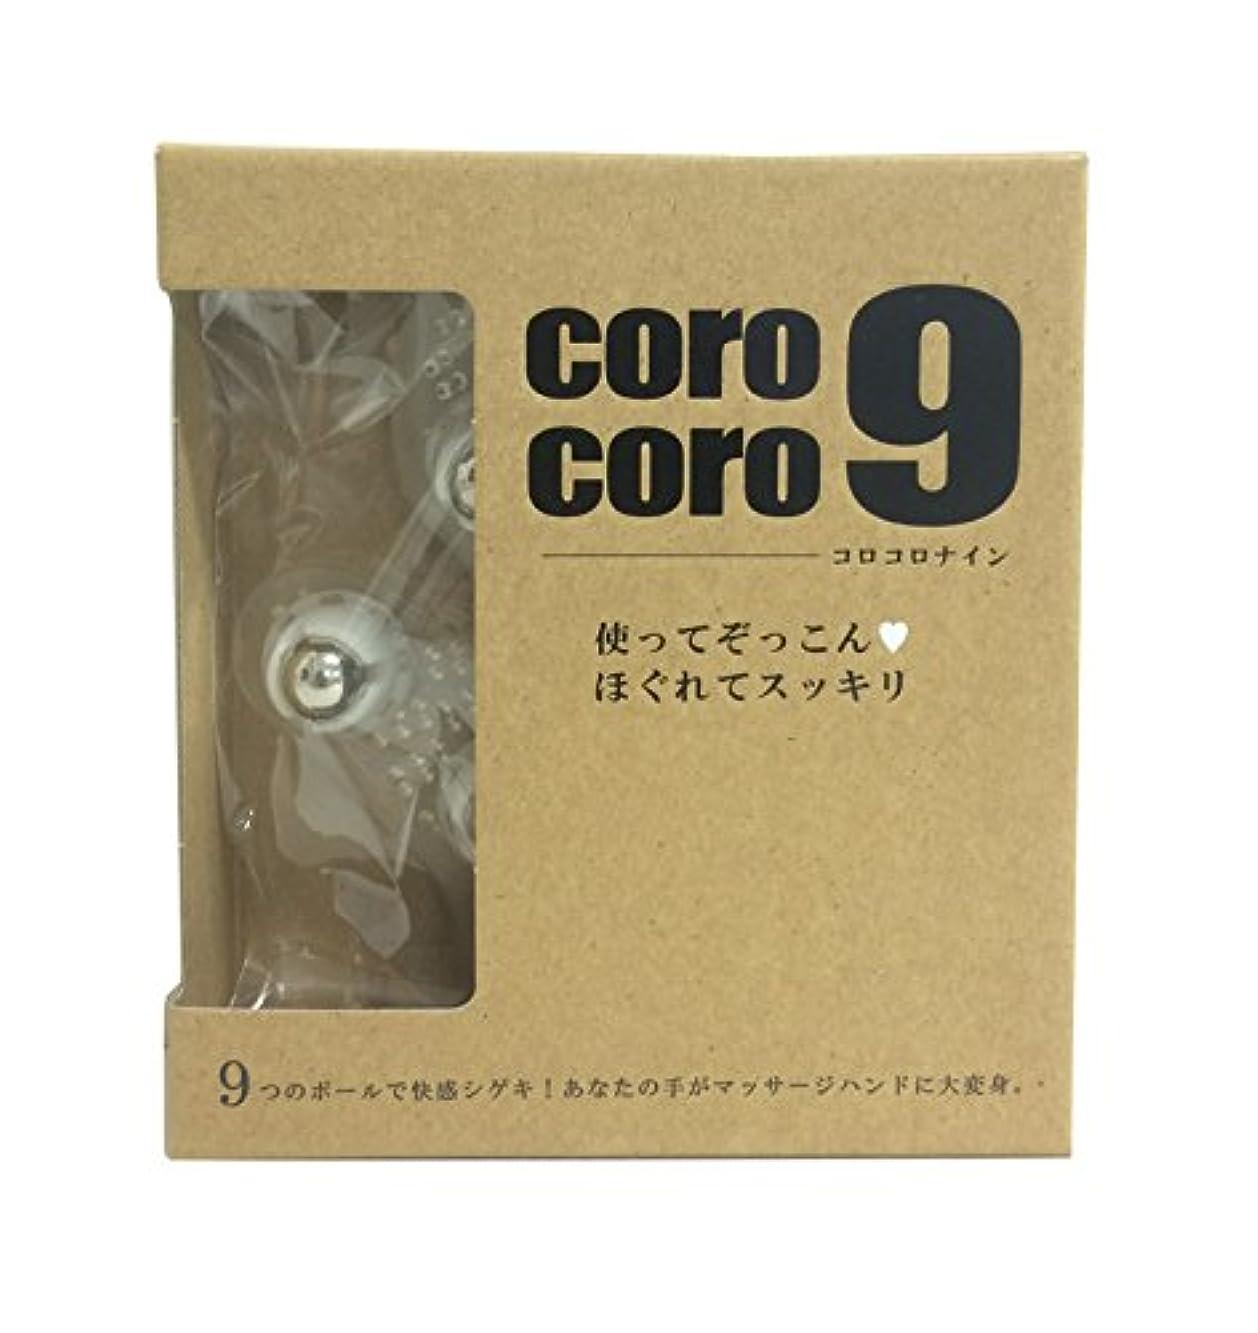 熱狂的な核灰Reシリーズ CoroCoro9 クリア